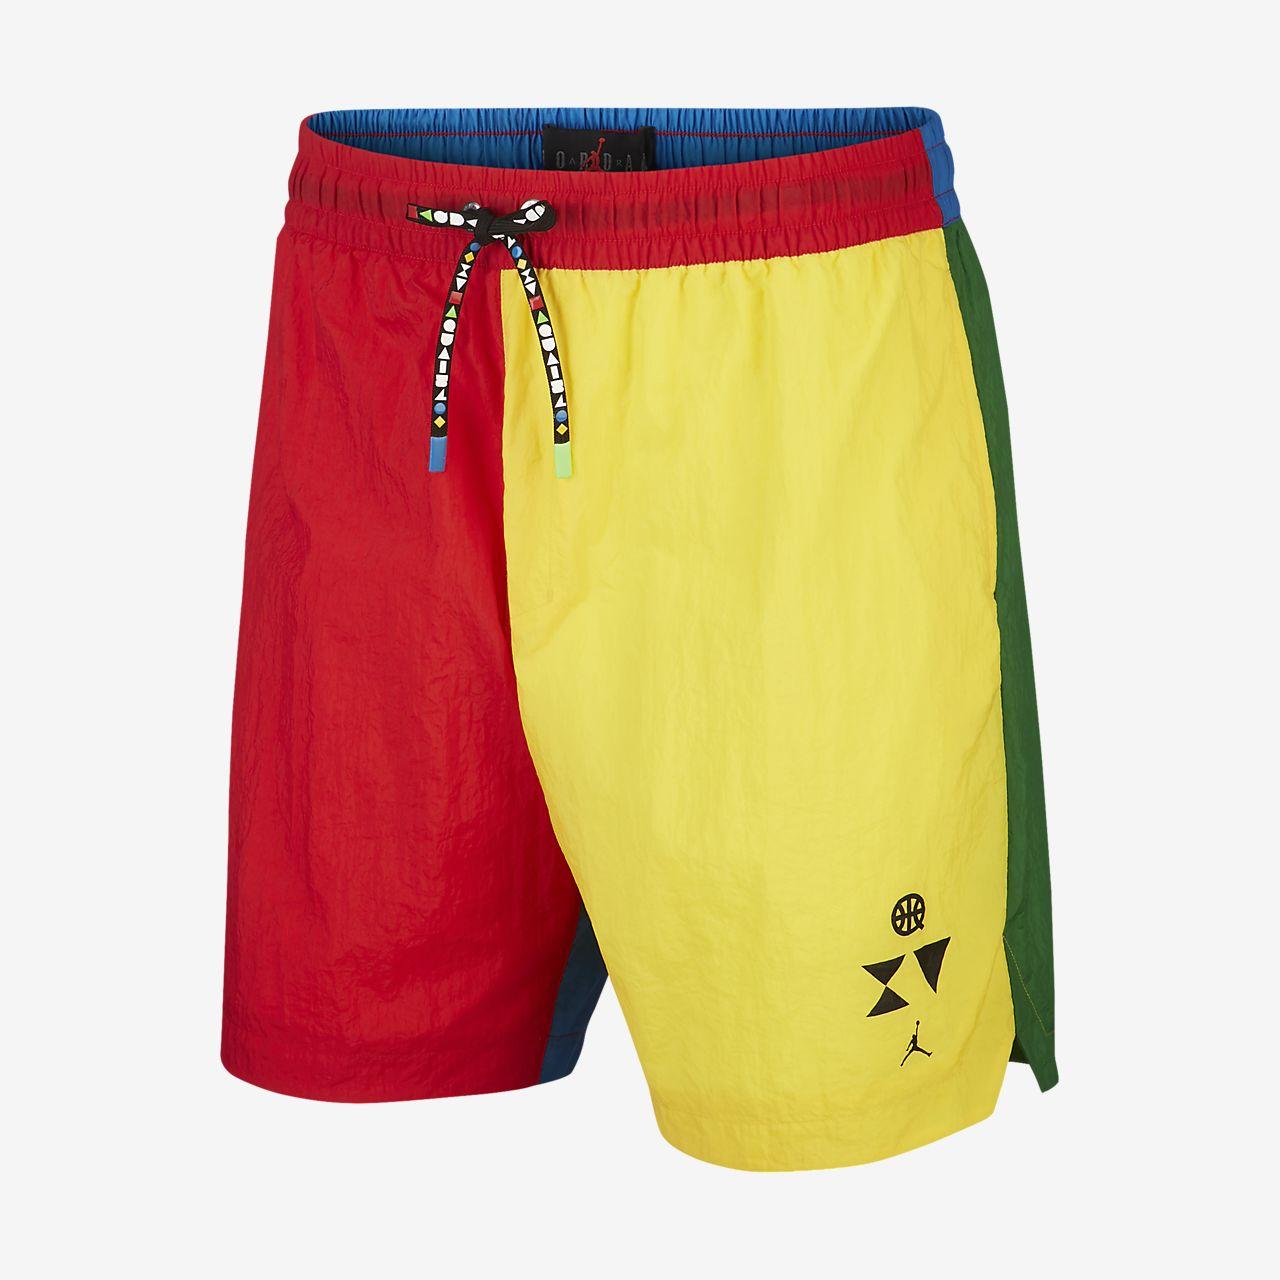 Jordan Quai54 Pantalón corto para la piscina - Hombre